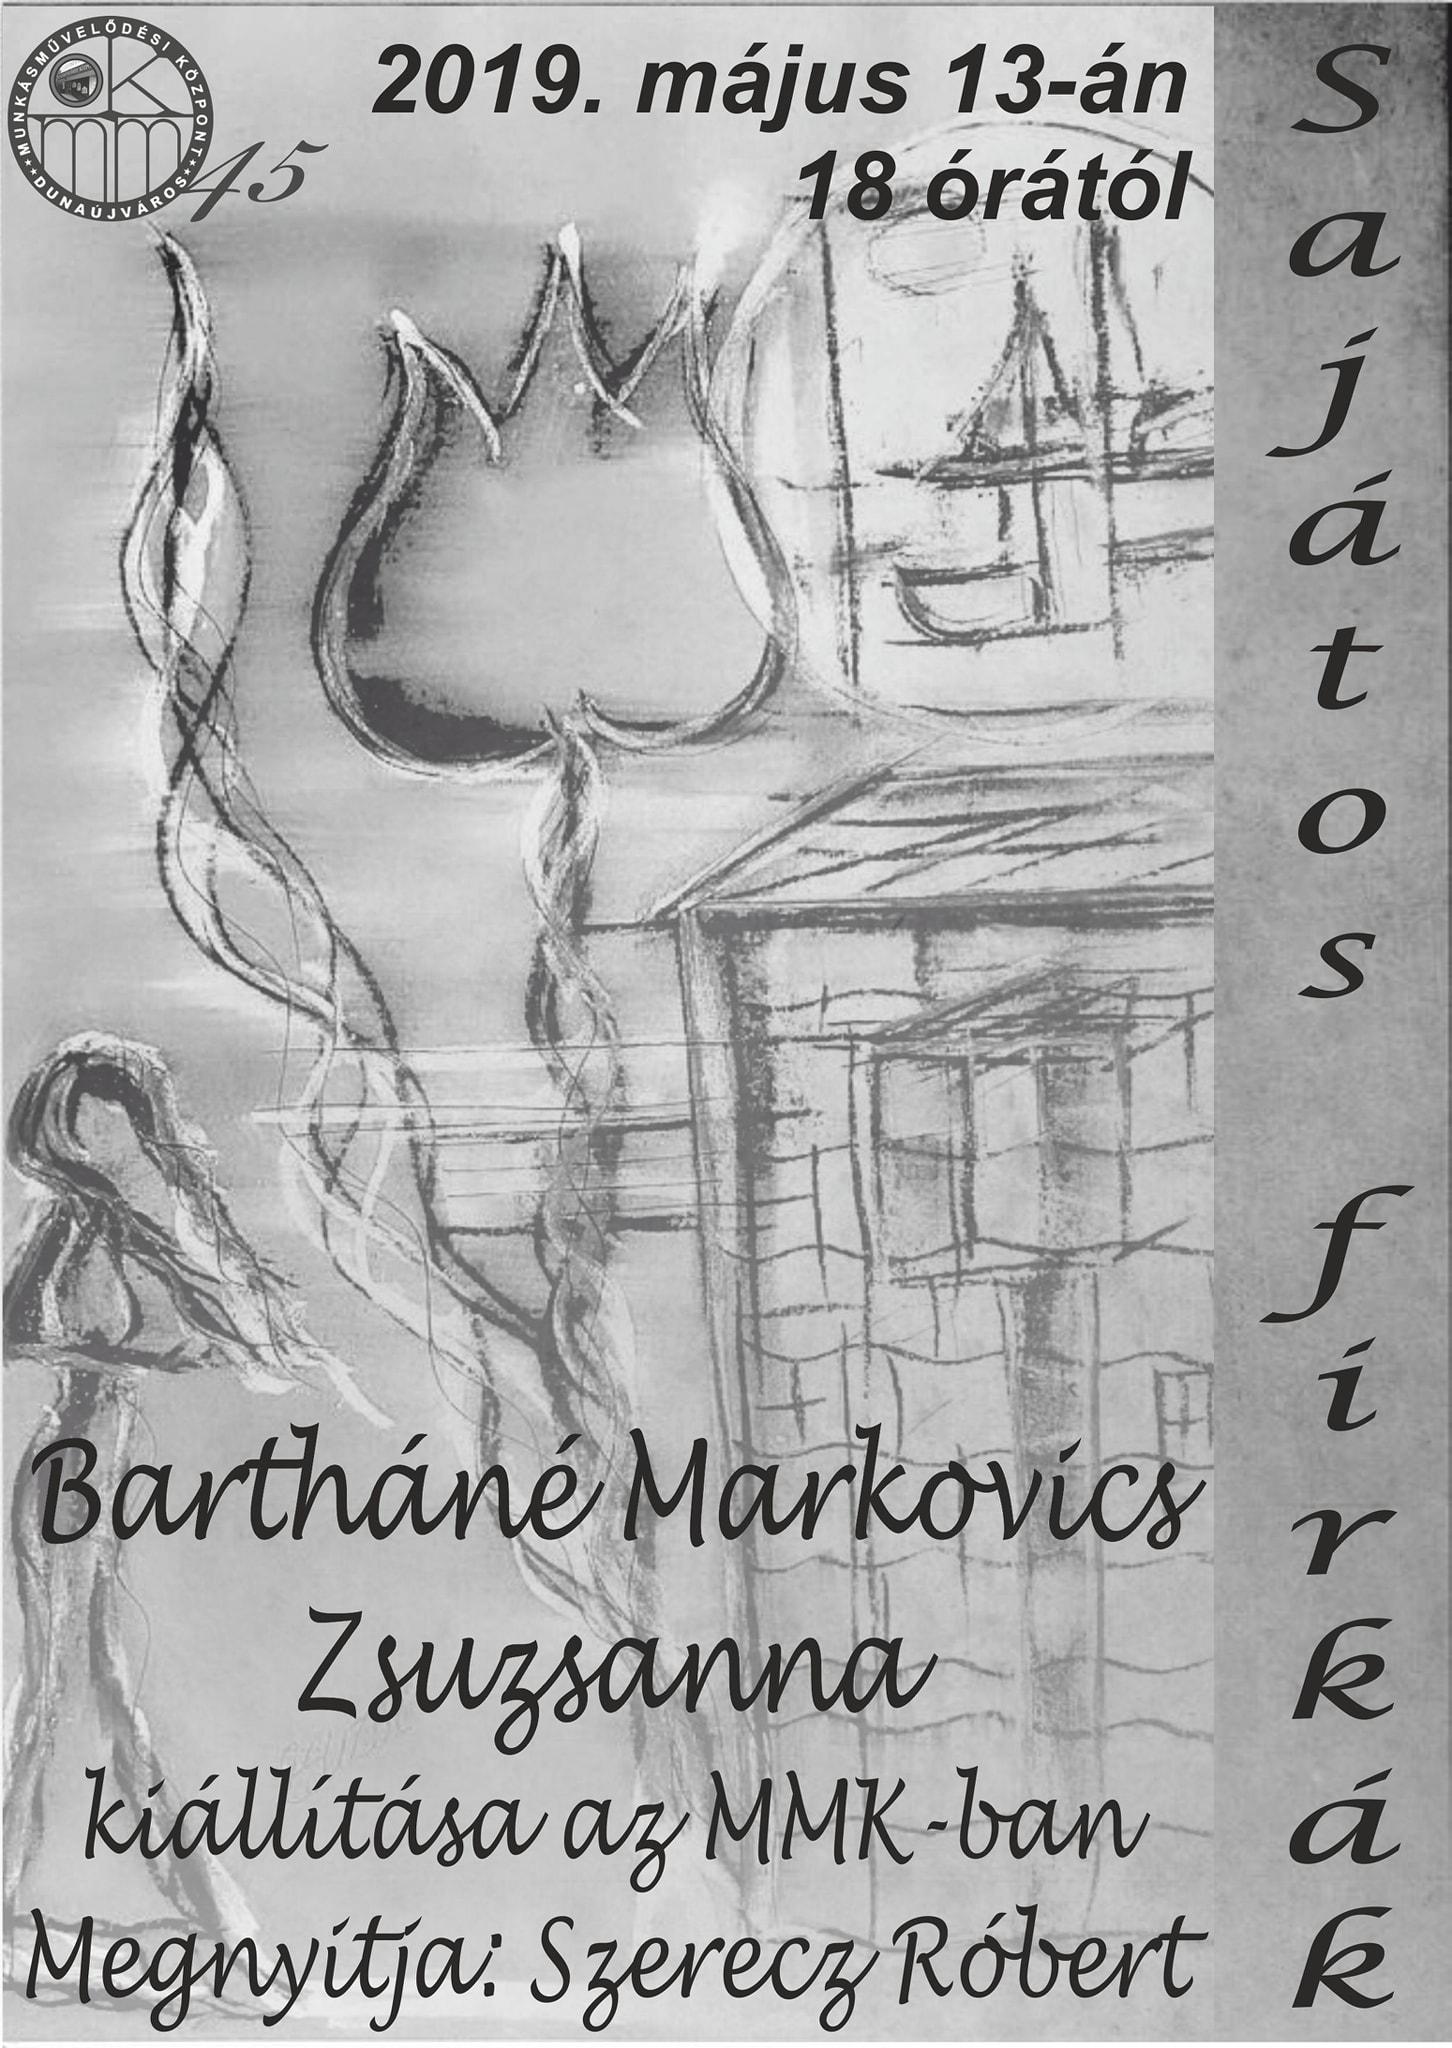 Bartháné Markovics Zsuzsanna kiállítása